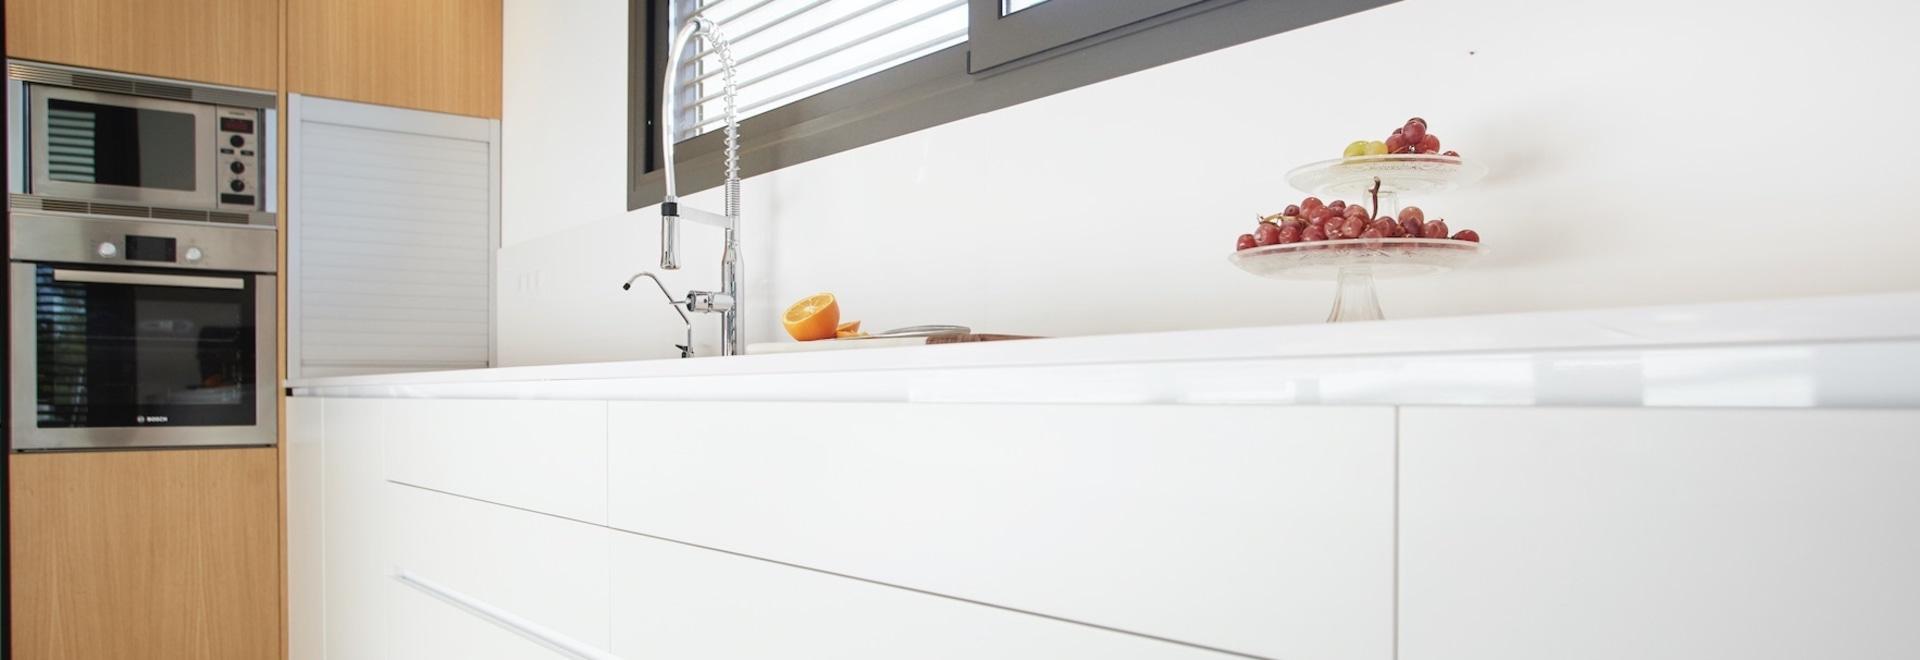 Aussi bien dans la cuisine que dans la salle de bains, le robinet est l'un des principaux protagonistes